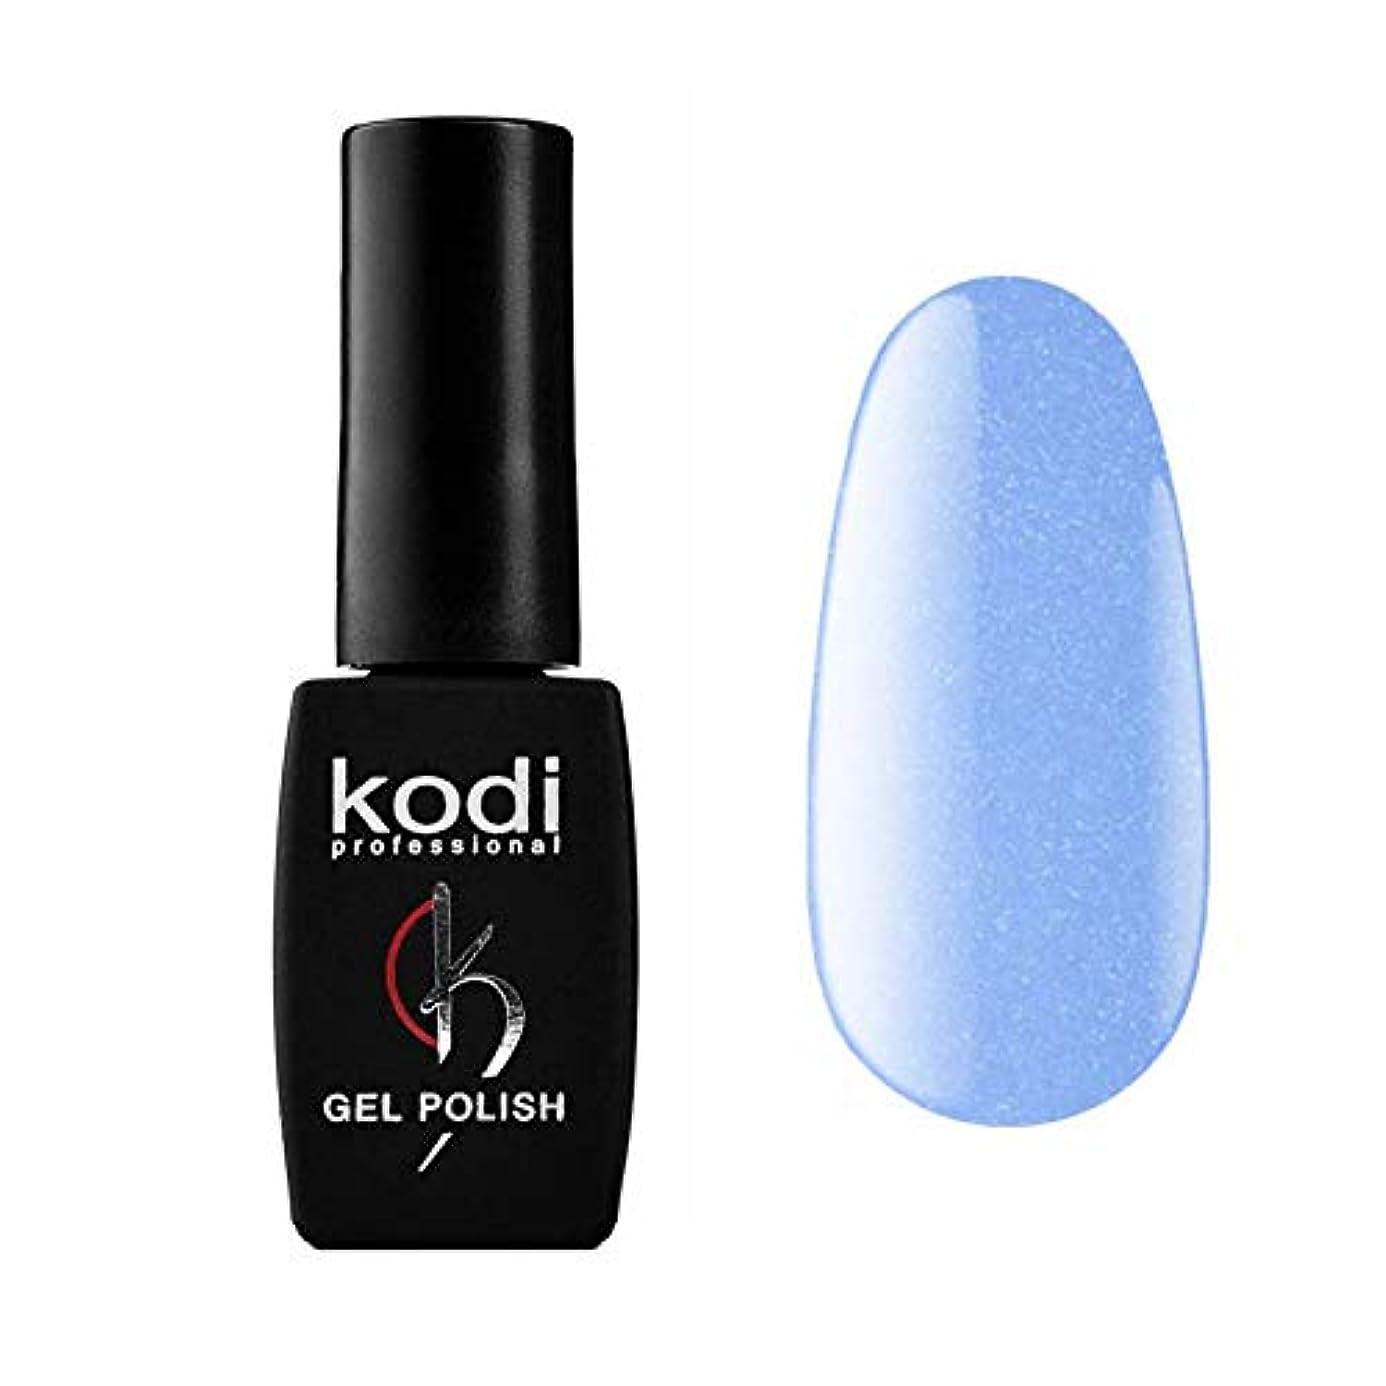 組立庭園悪夢Kodi Professional New Collection B BLUE #140 Color Gel Nail Polish 12ml 0.42 Fl Oz LED UV Genuine Soak Off